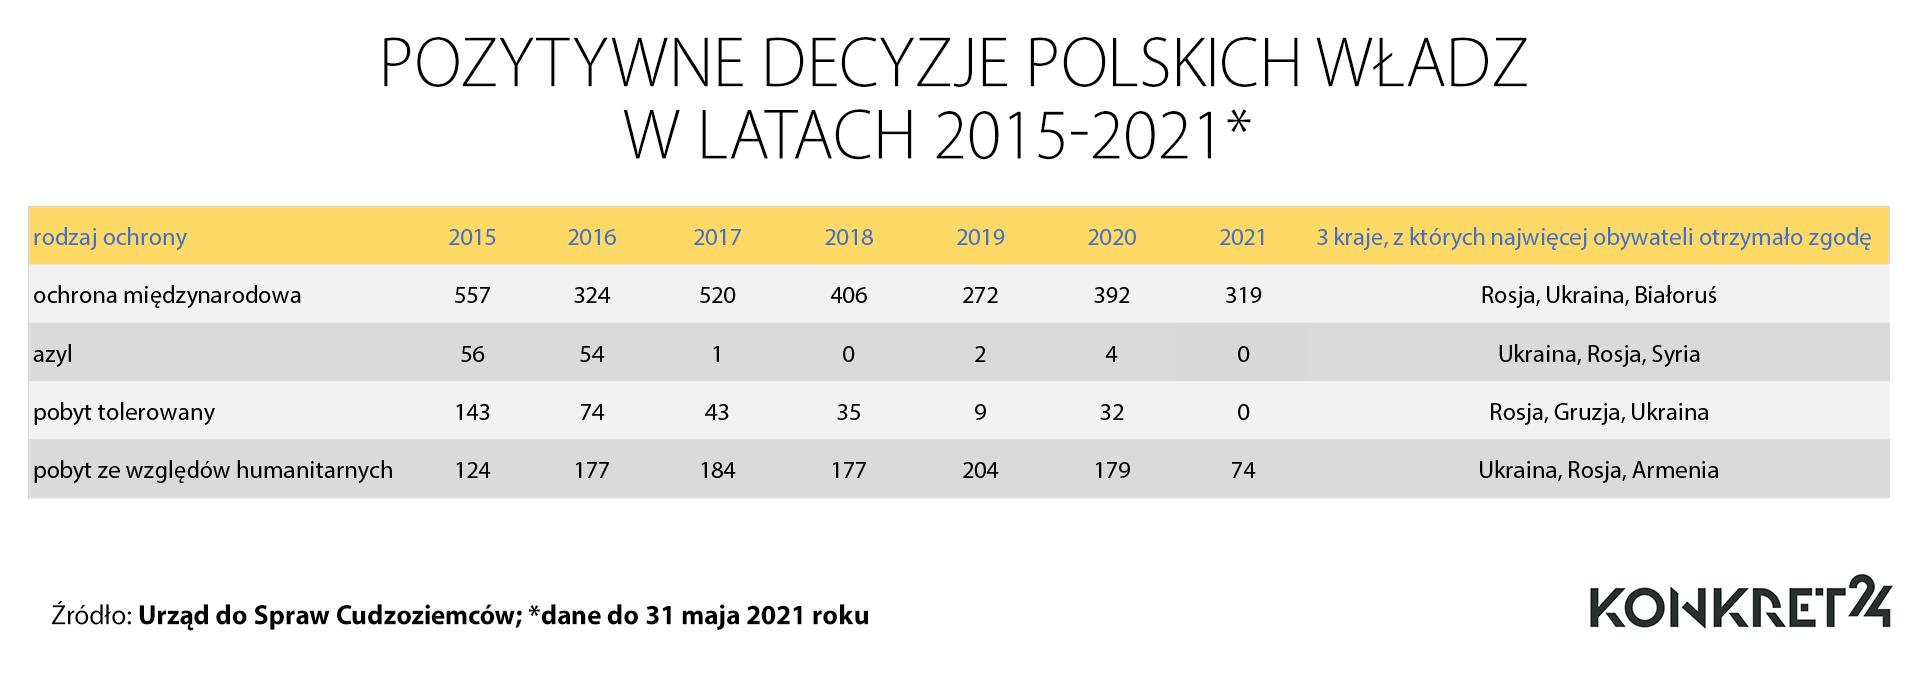 Pozytywne decyzje polskich władz w latach 2015-2021